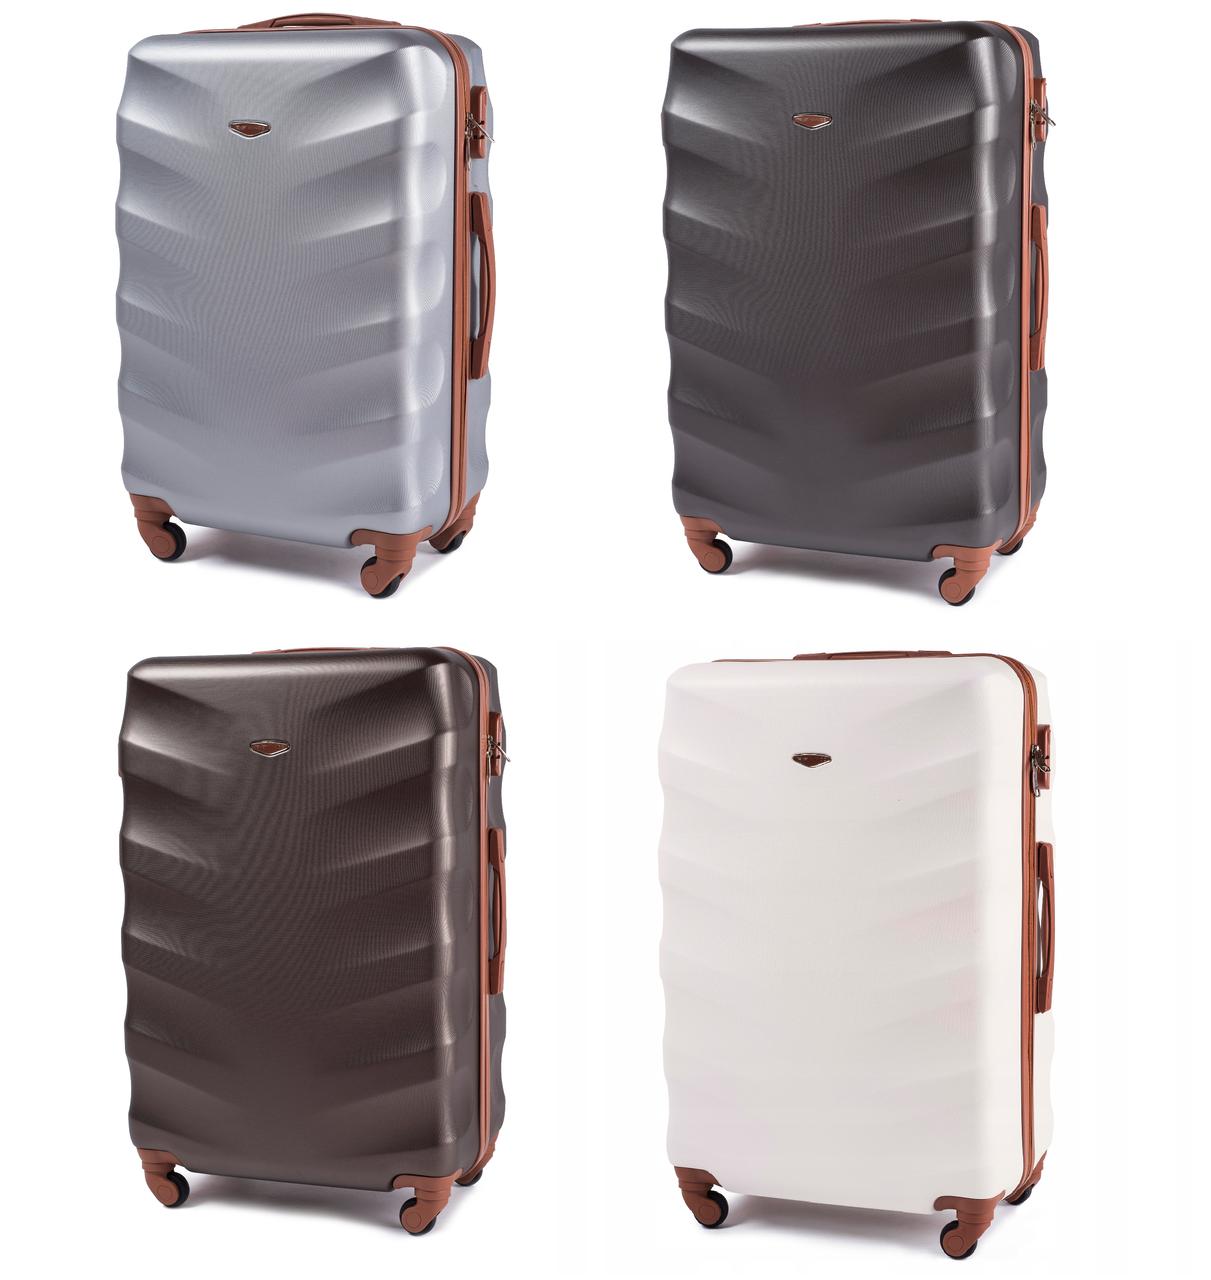 Дорожный чемодан на колесах WINGS 402 Exlusive из поликарбоната Большой